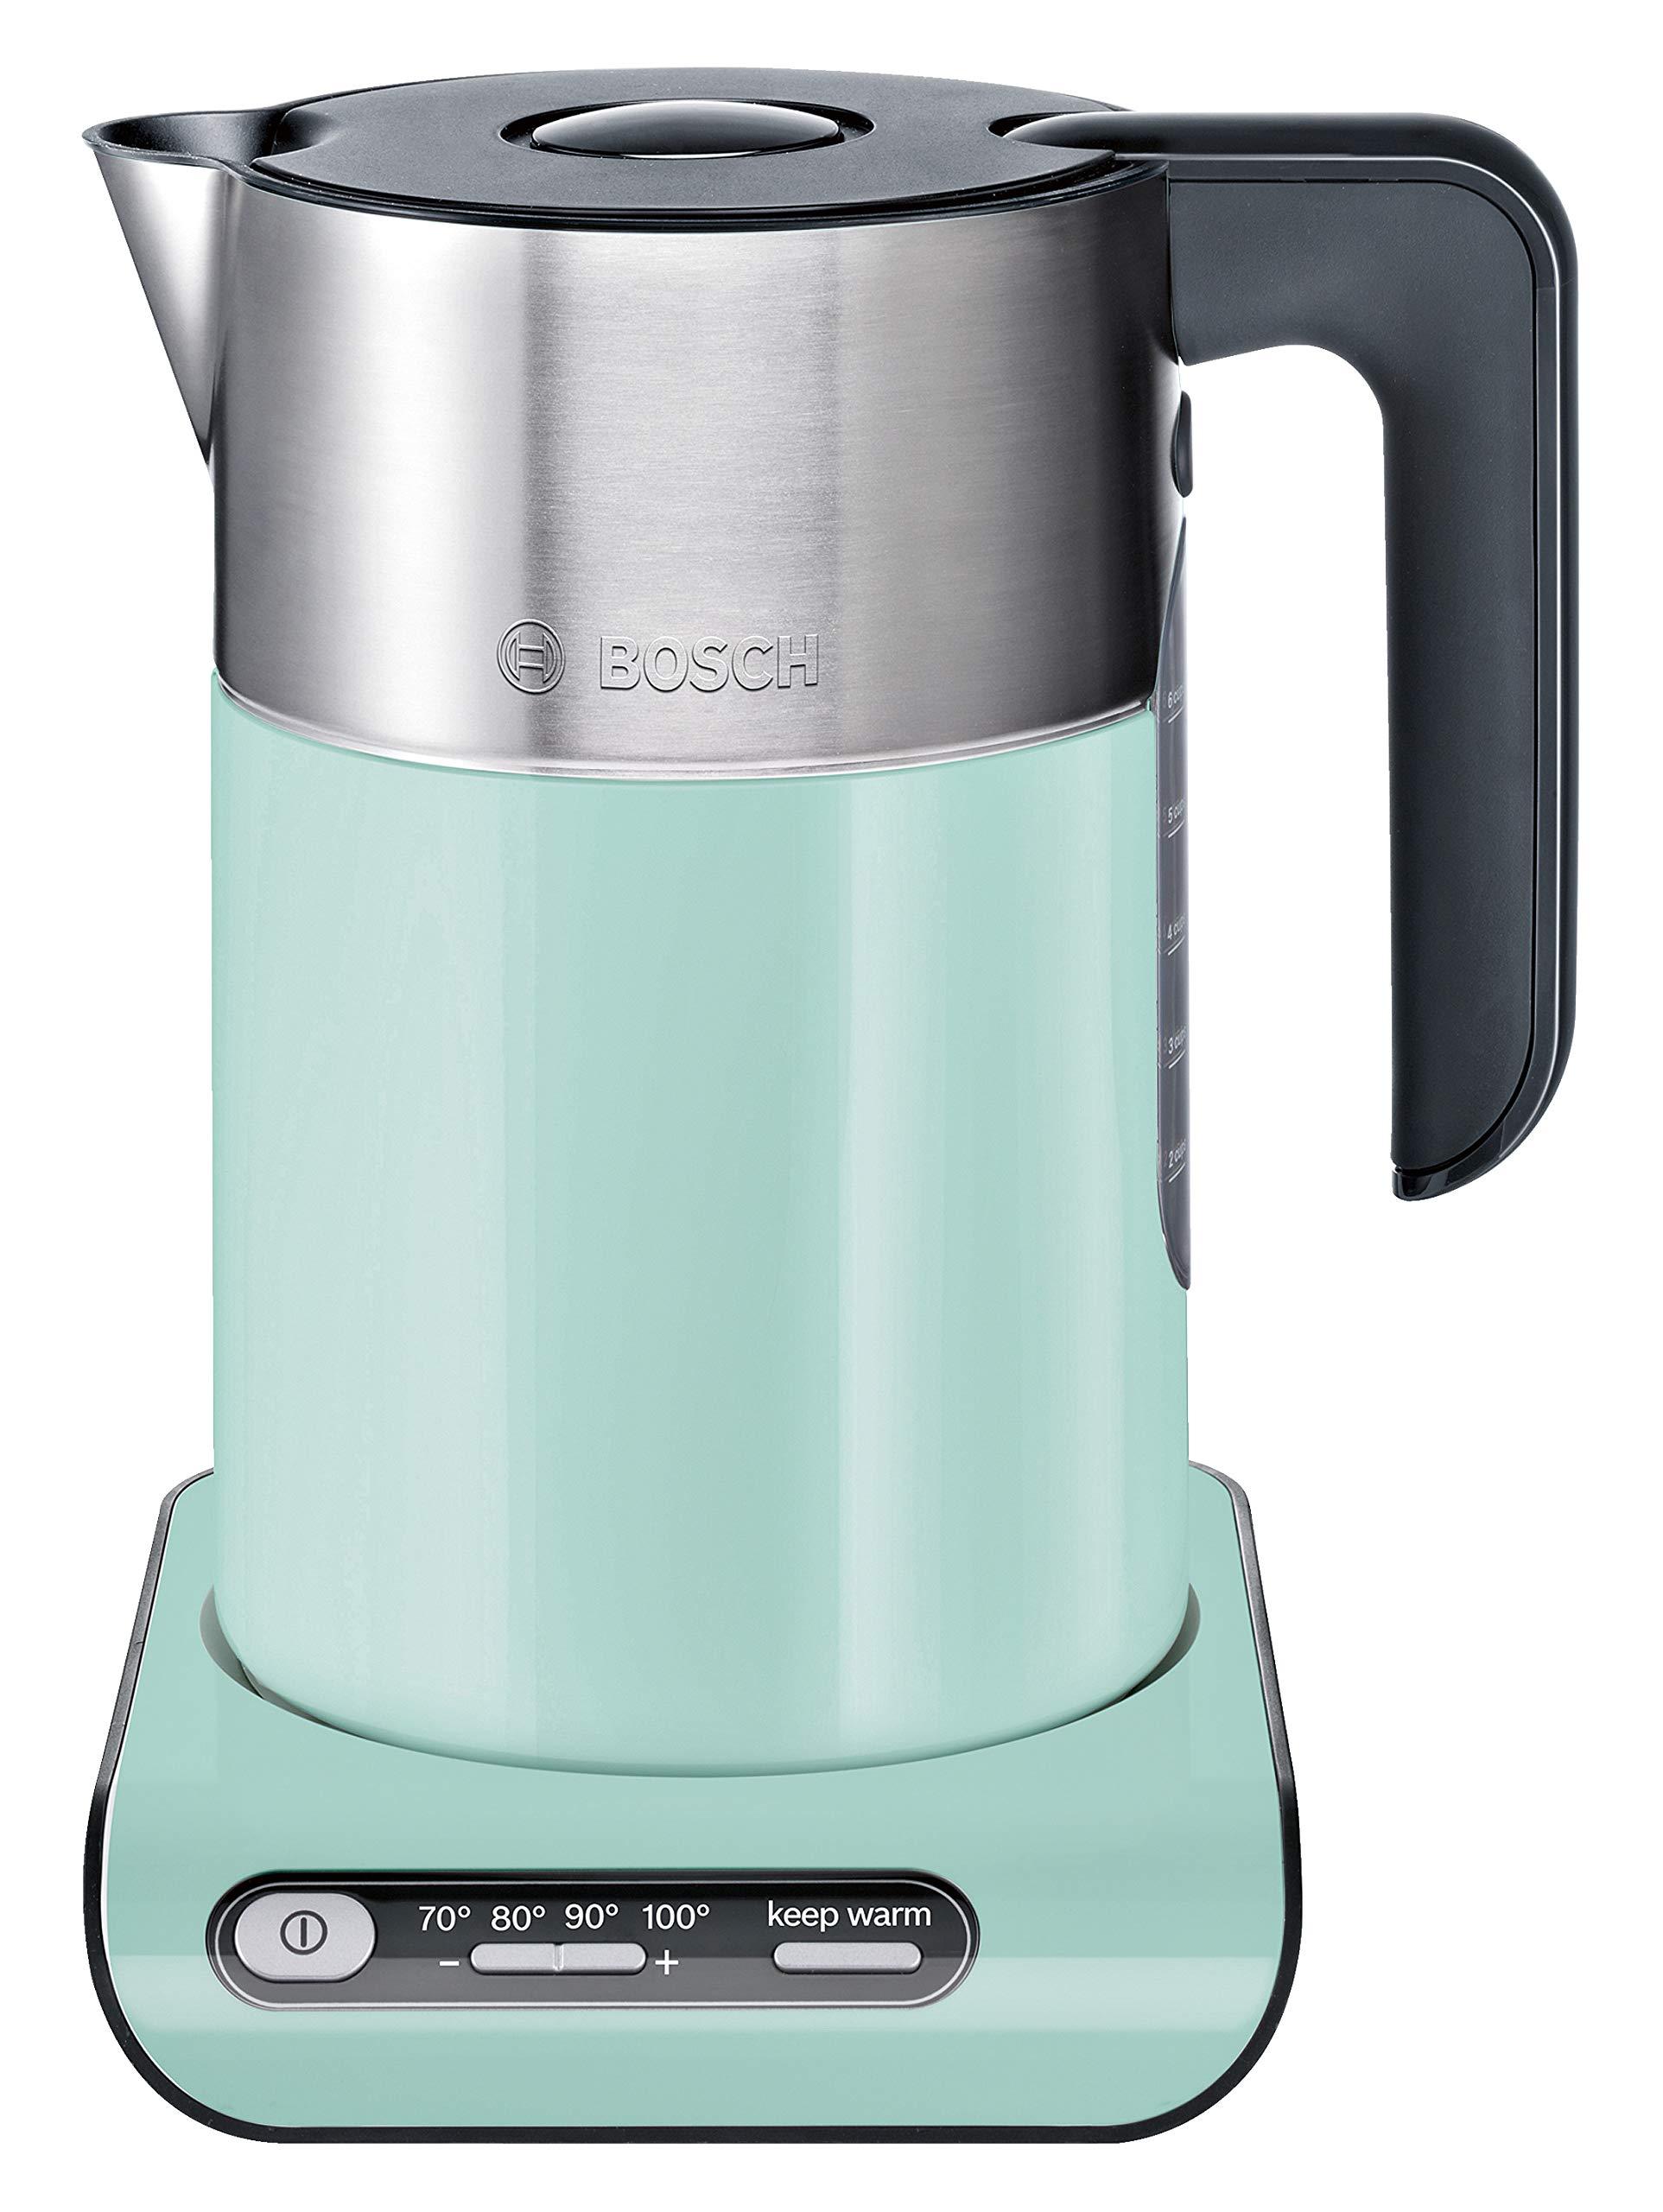 Bosch-Bosch-Wasserkocher-kabellos-TWK8612P